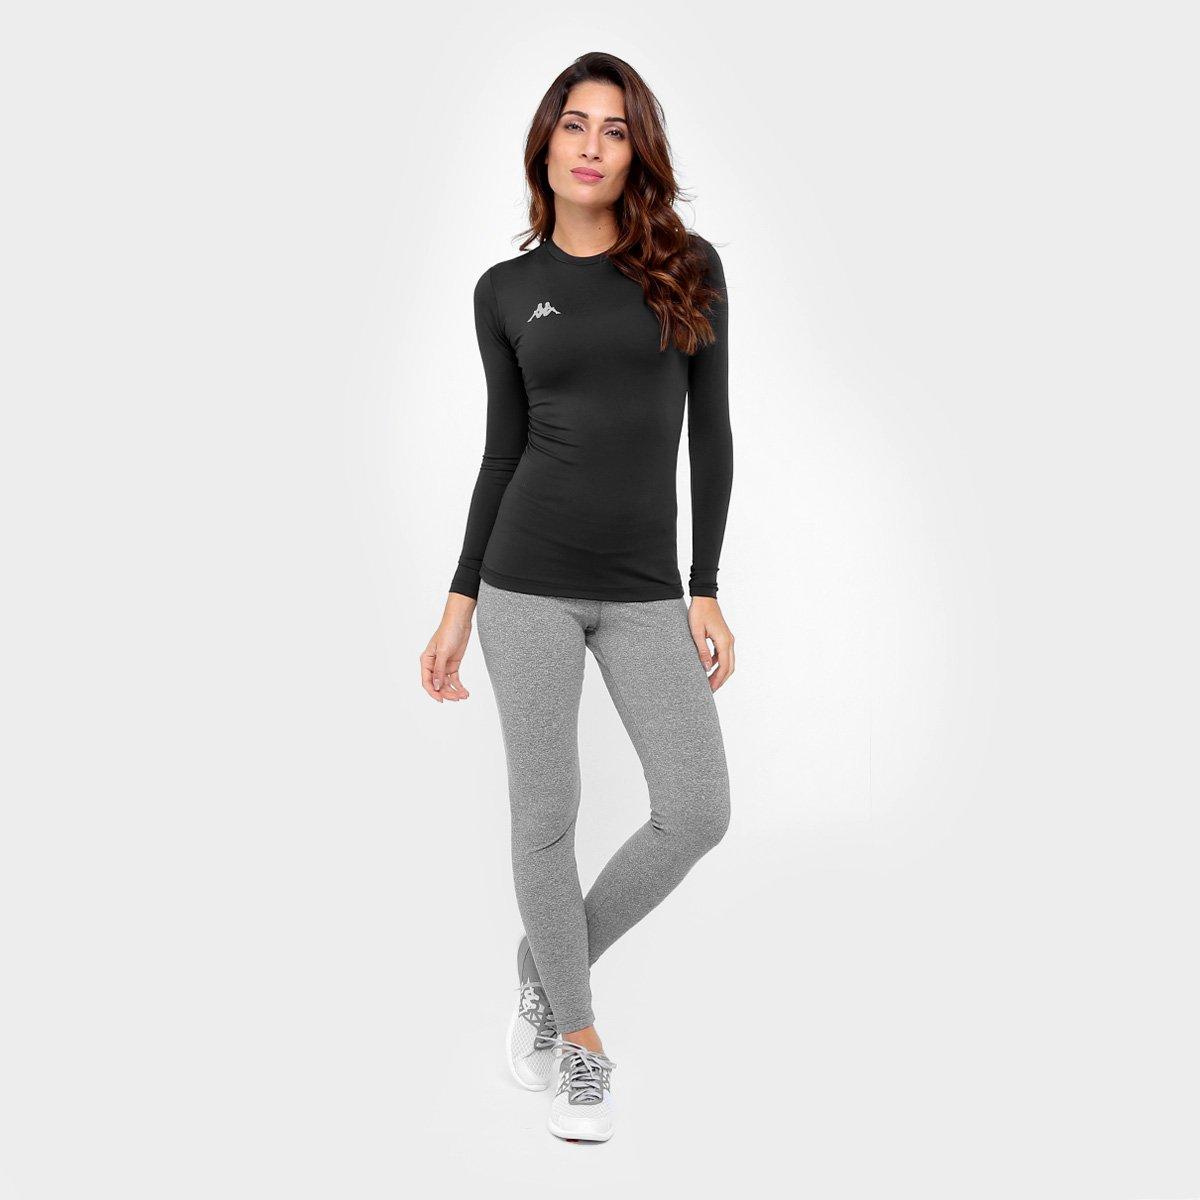 717e39d496d00 Camiseta Térmica Kappa Allenare Manga Longa Feminina - Preto ...